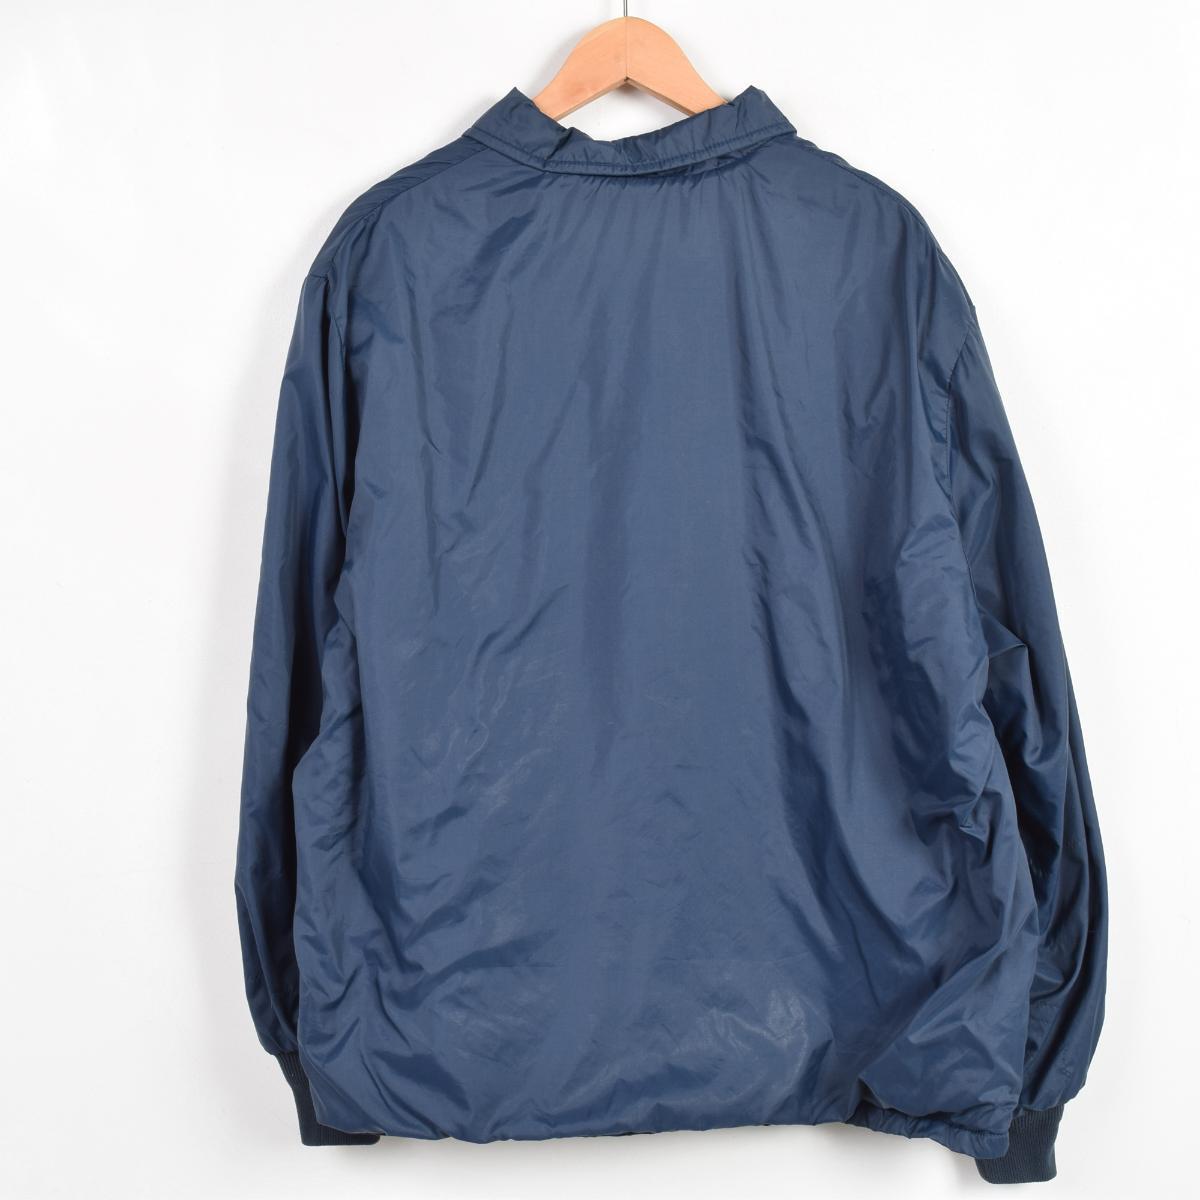 70 年代,西尔斯户外休闲服教练夹克男装 XXL 复古西尔斯 /wet4424 160825